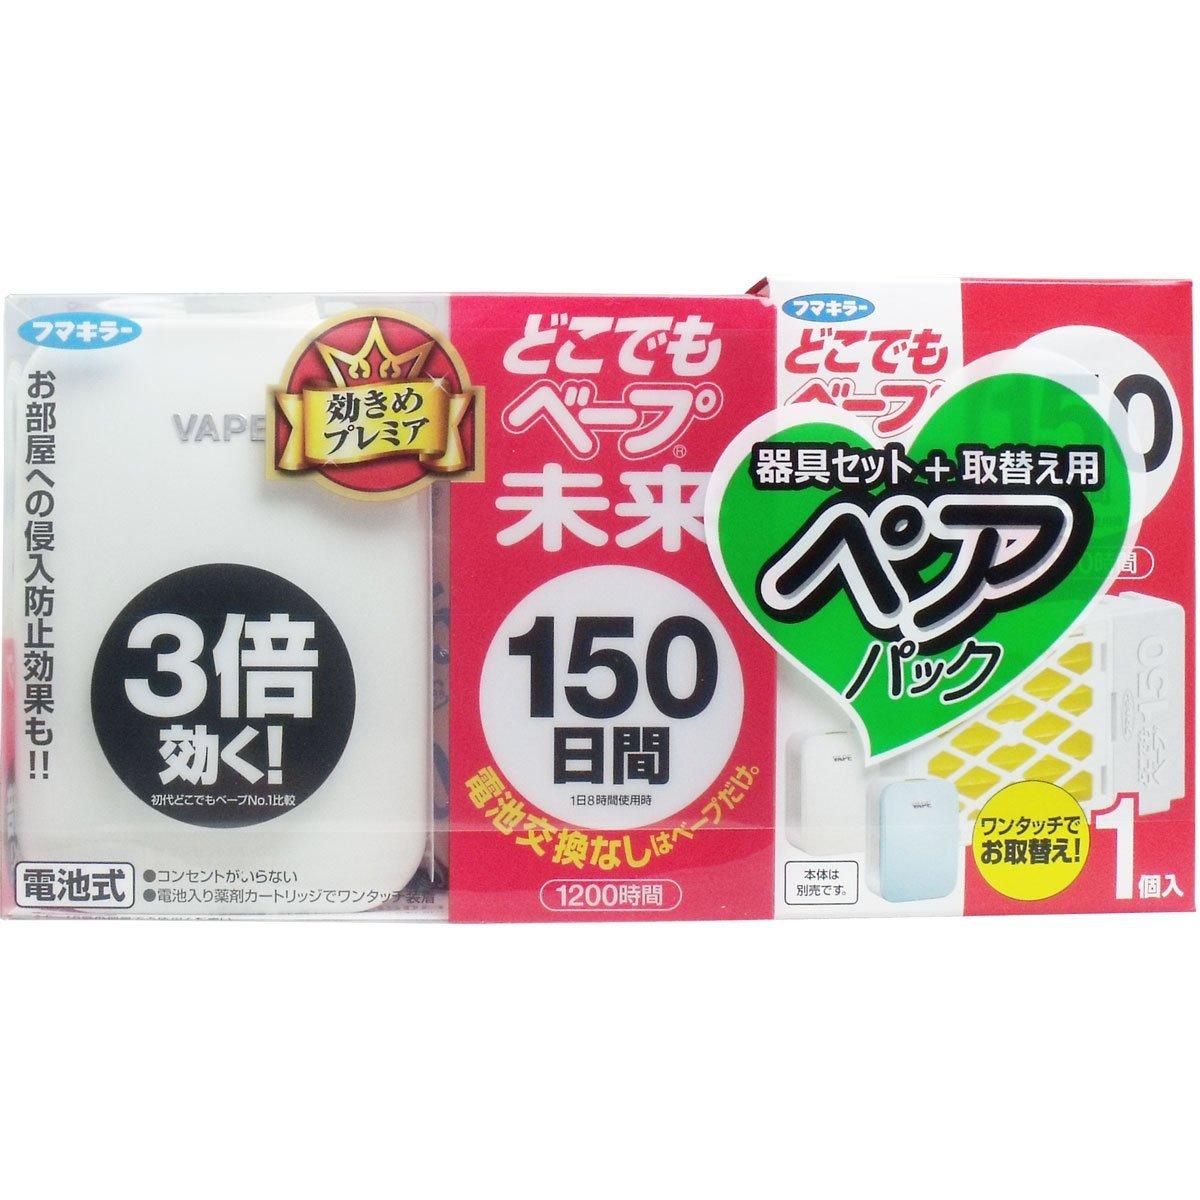 日本VAPE電子防蚊器150日 (主機+補充包*2共300日)驅蚊器可攜帶無毒無味嬰幼兒預防小黑蚊子叮咬登革熱 1